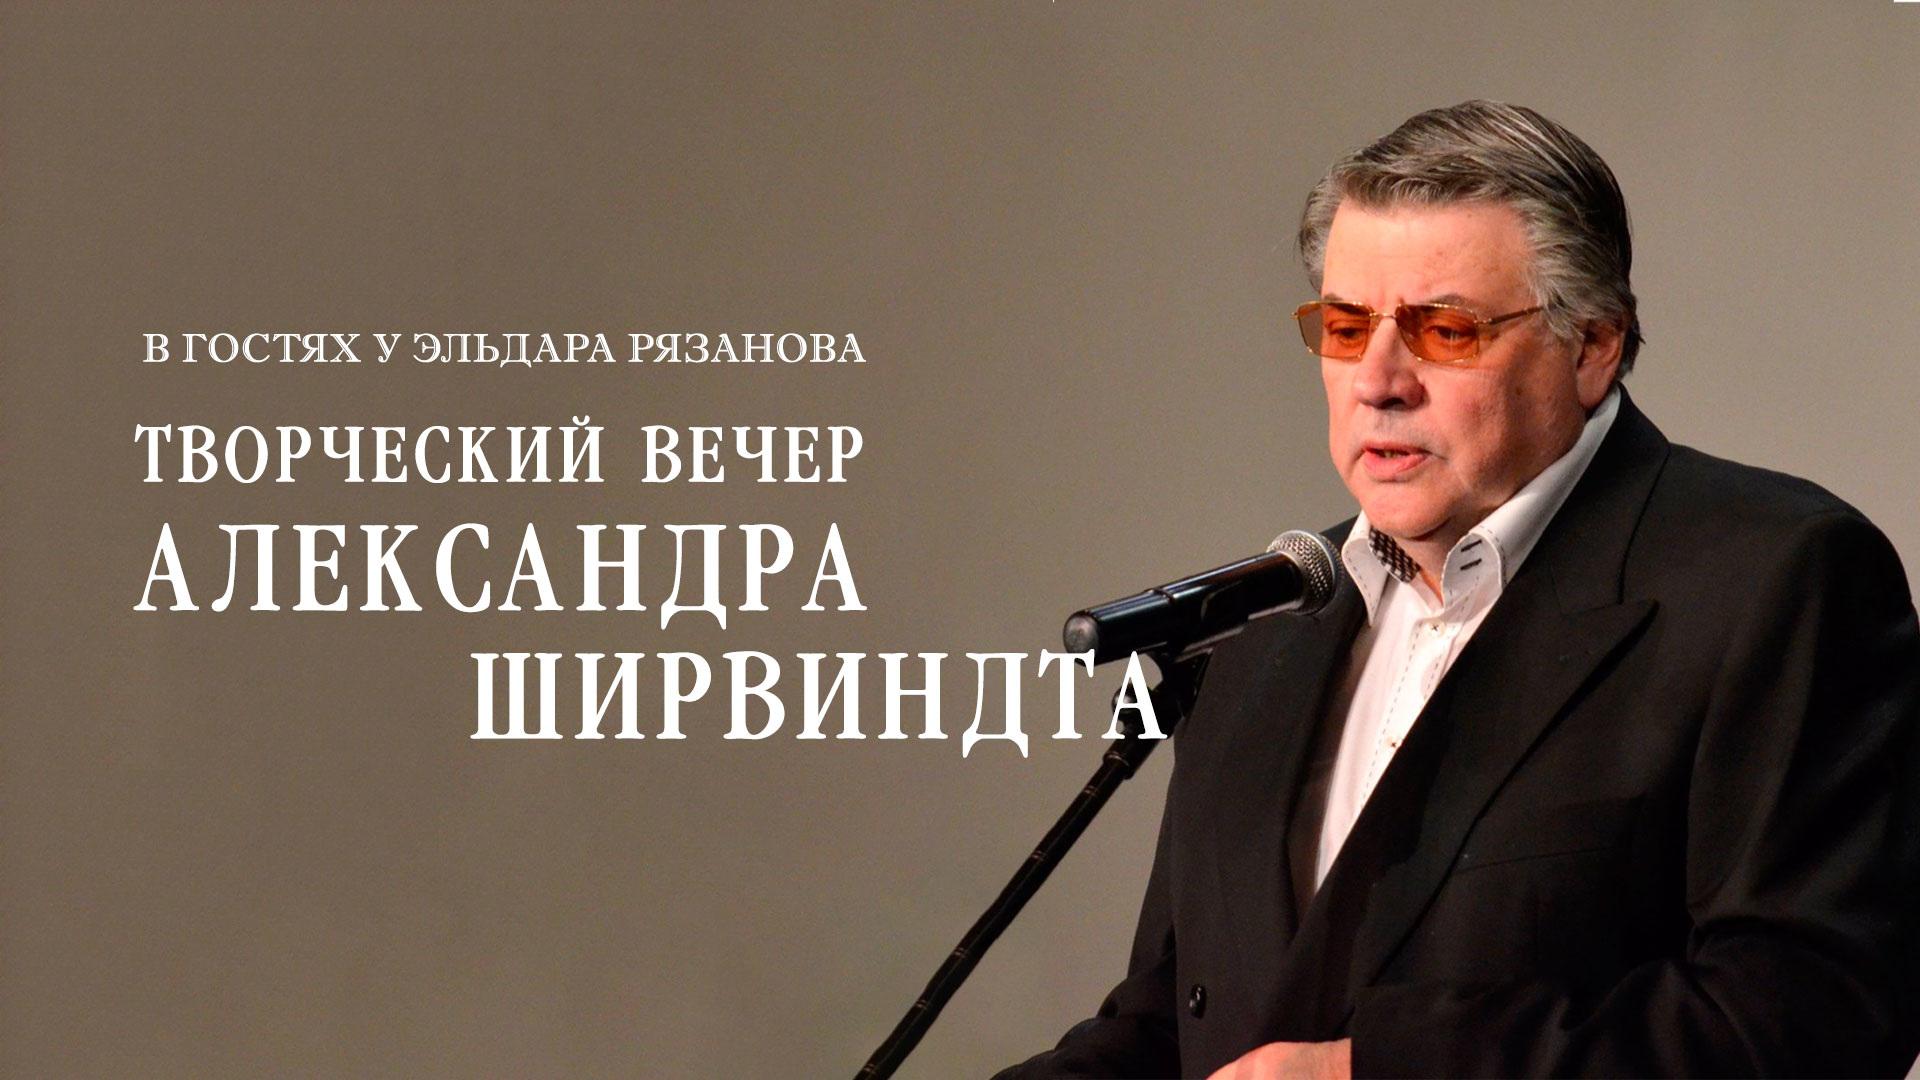 В гостях у Эльдара Рязанова. Творческий вечер Александра Ширвиндта